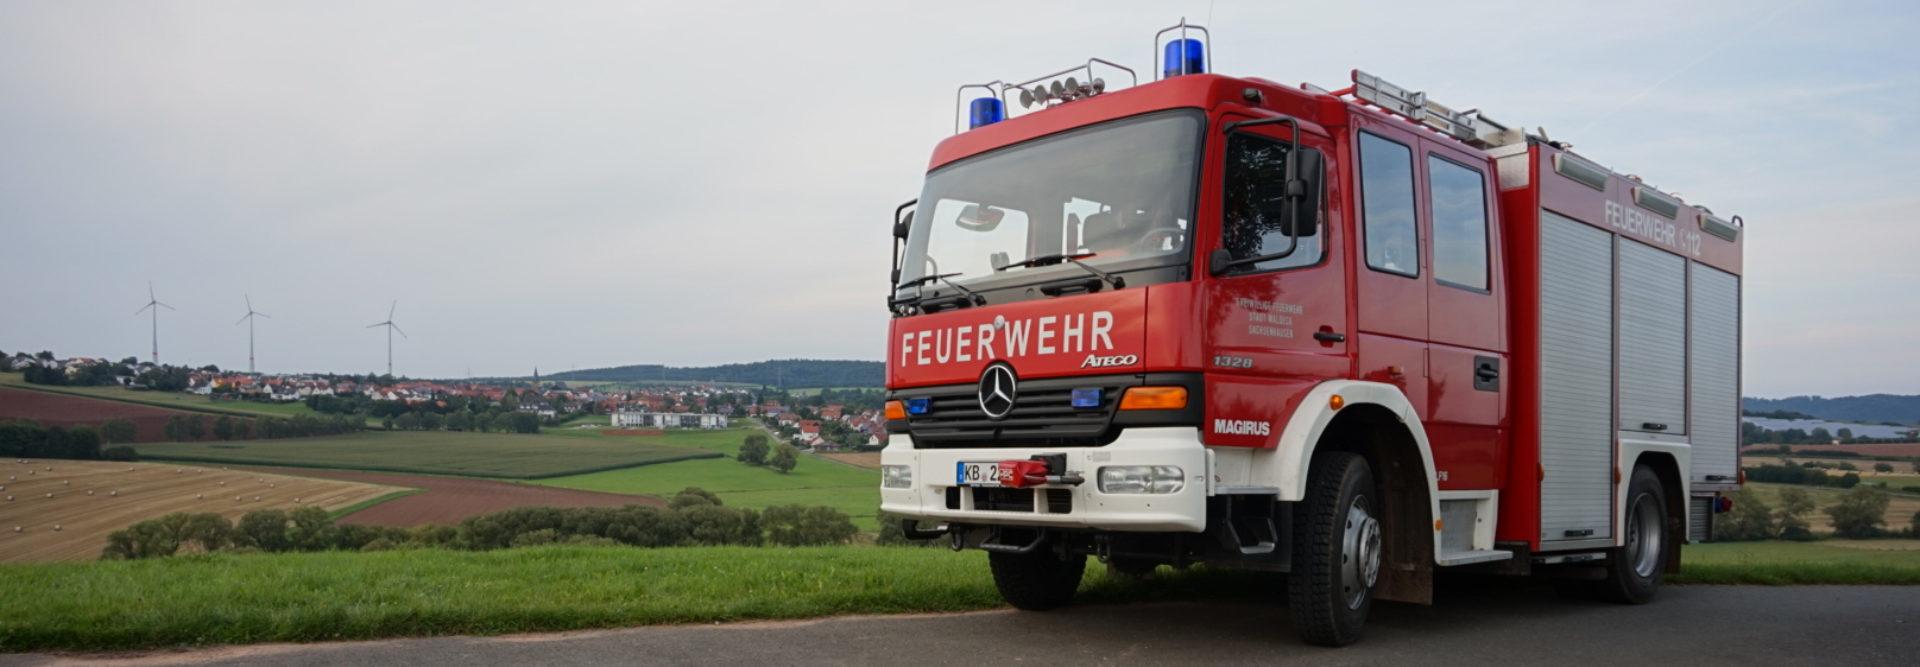 Feuerwehr Sachsenhausen